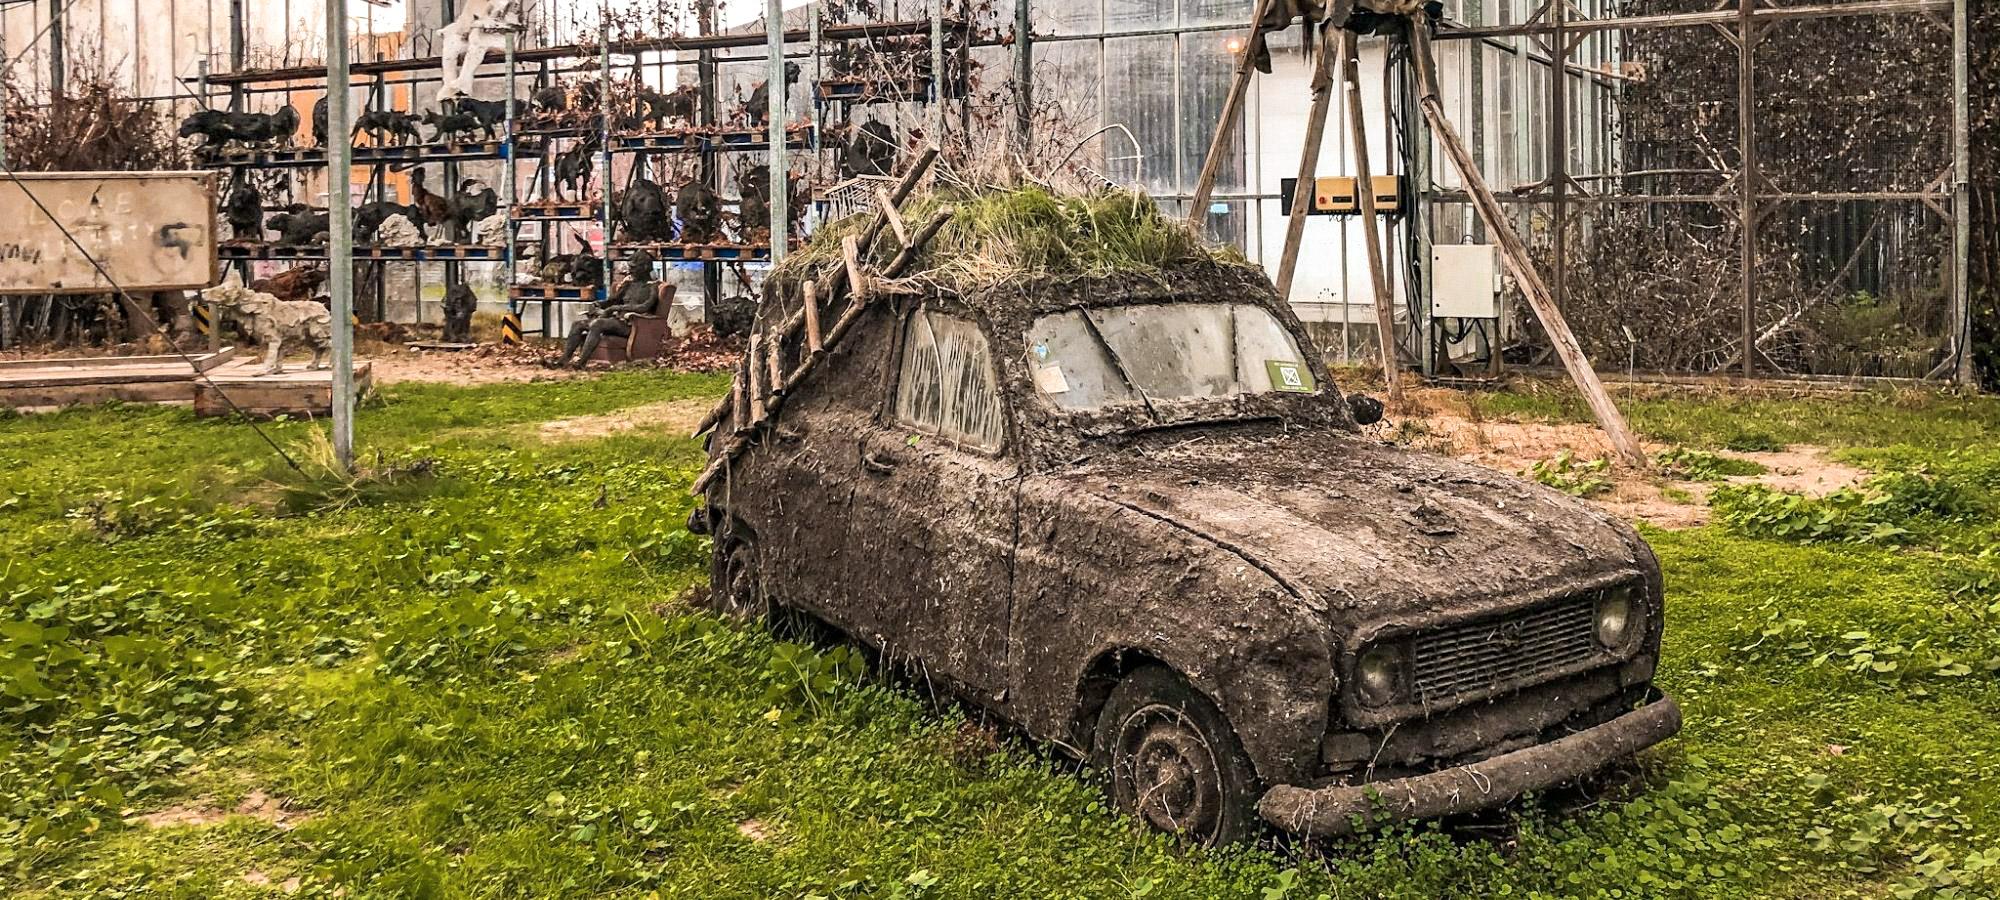 A car at the Verbeke Foundation